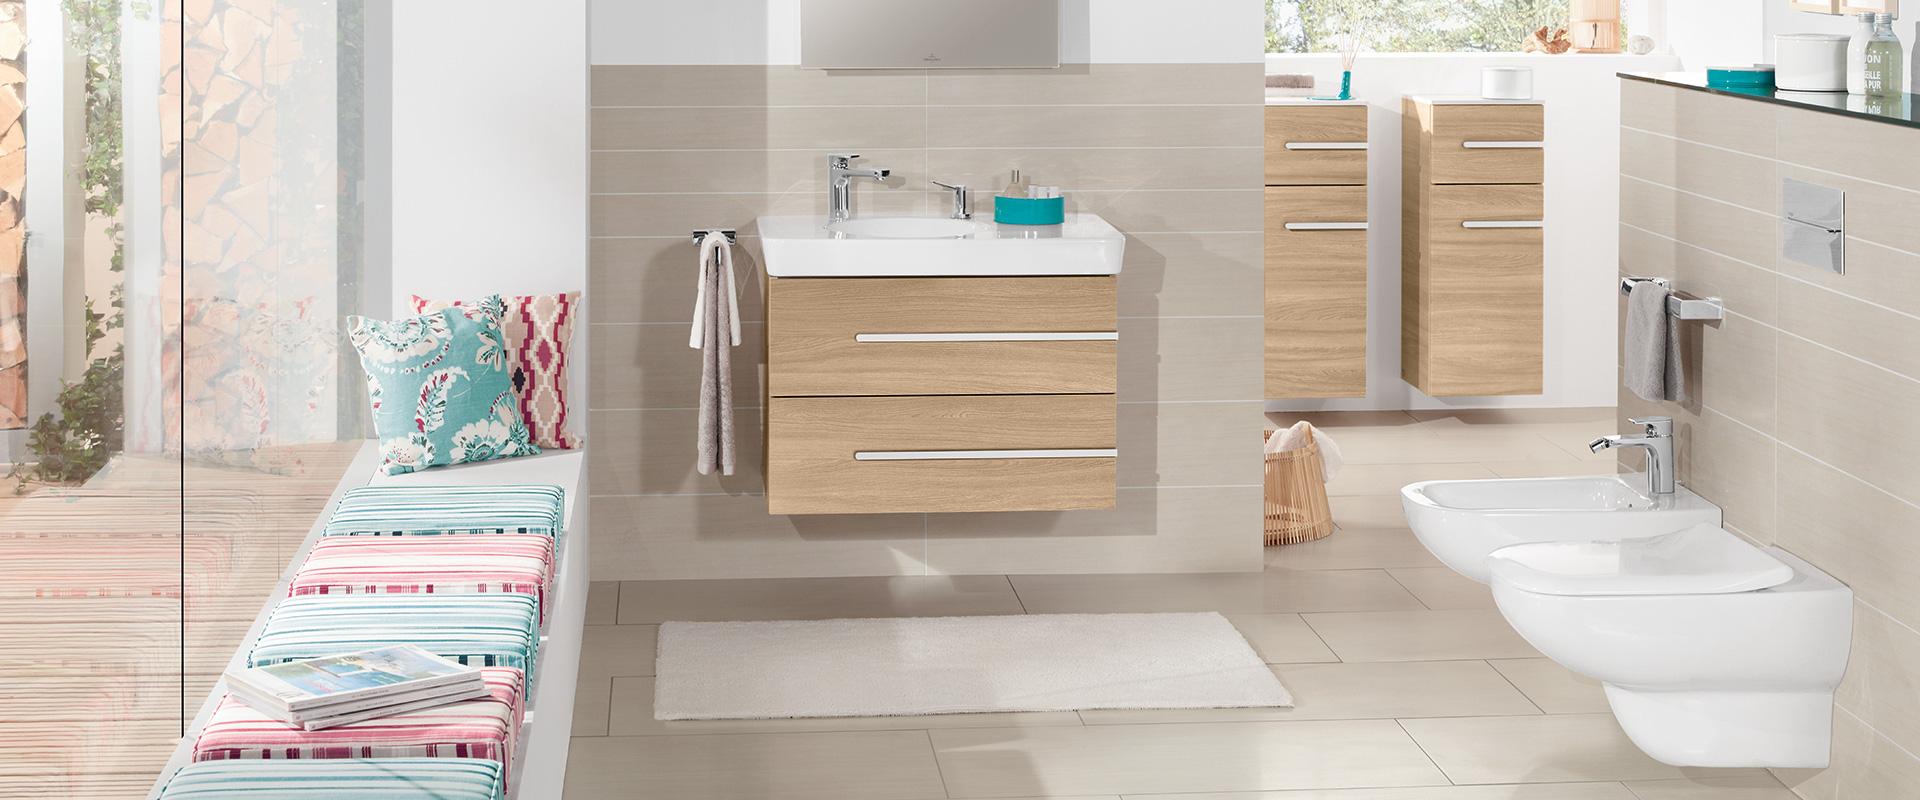 Villeroy and boch bathroom cabinets - Joyce Frn Joyce Bathroom Sink